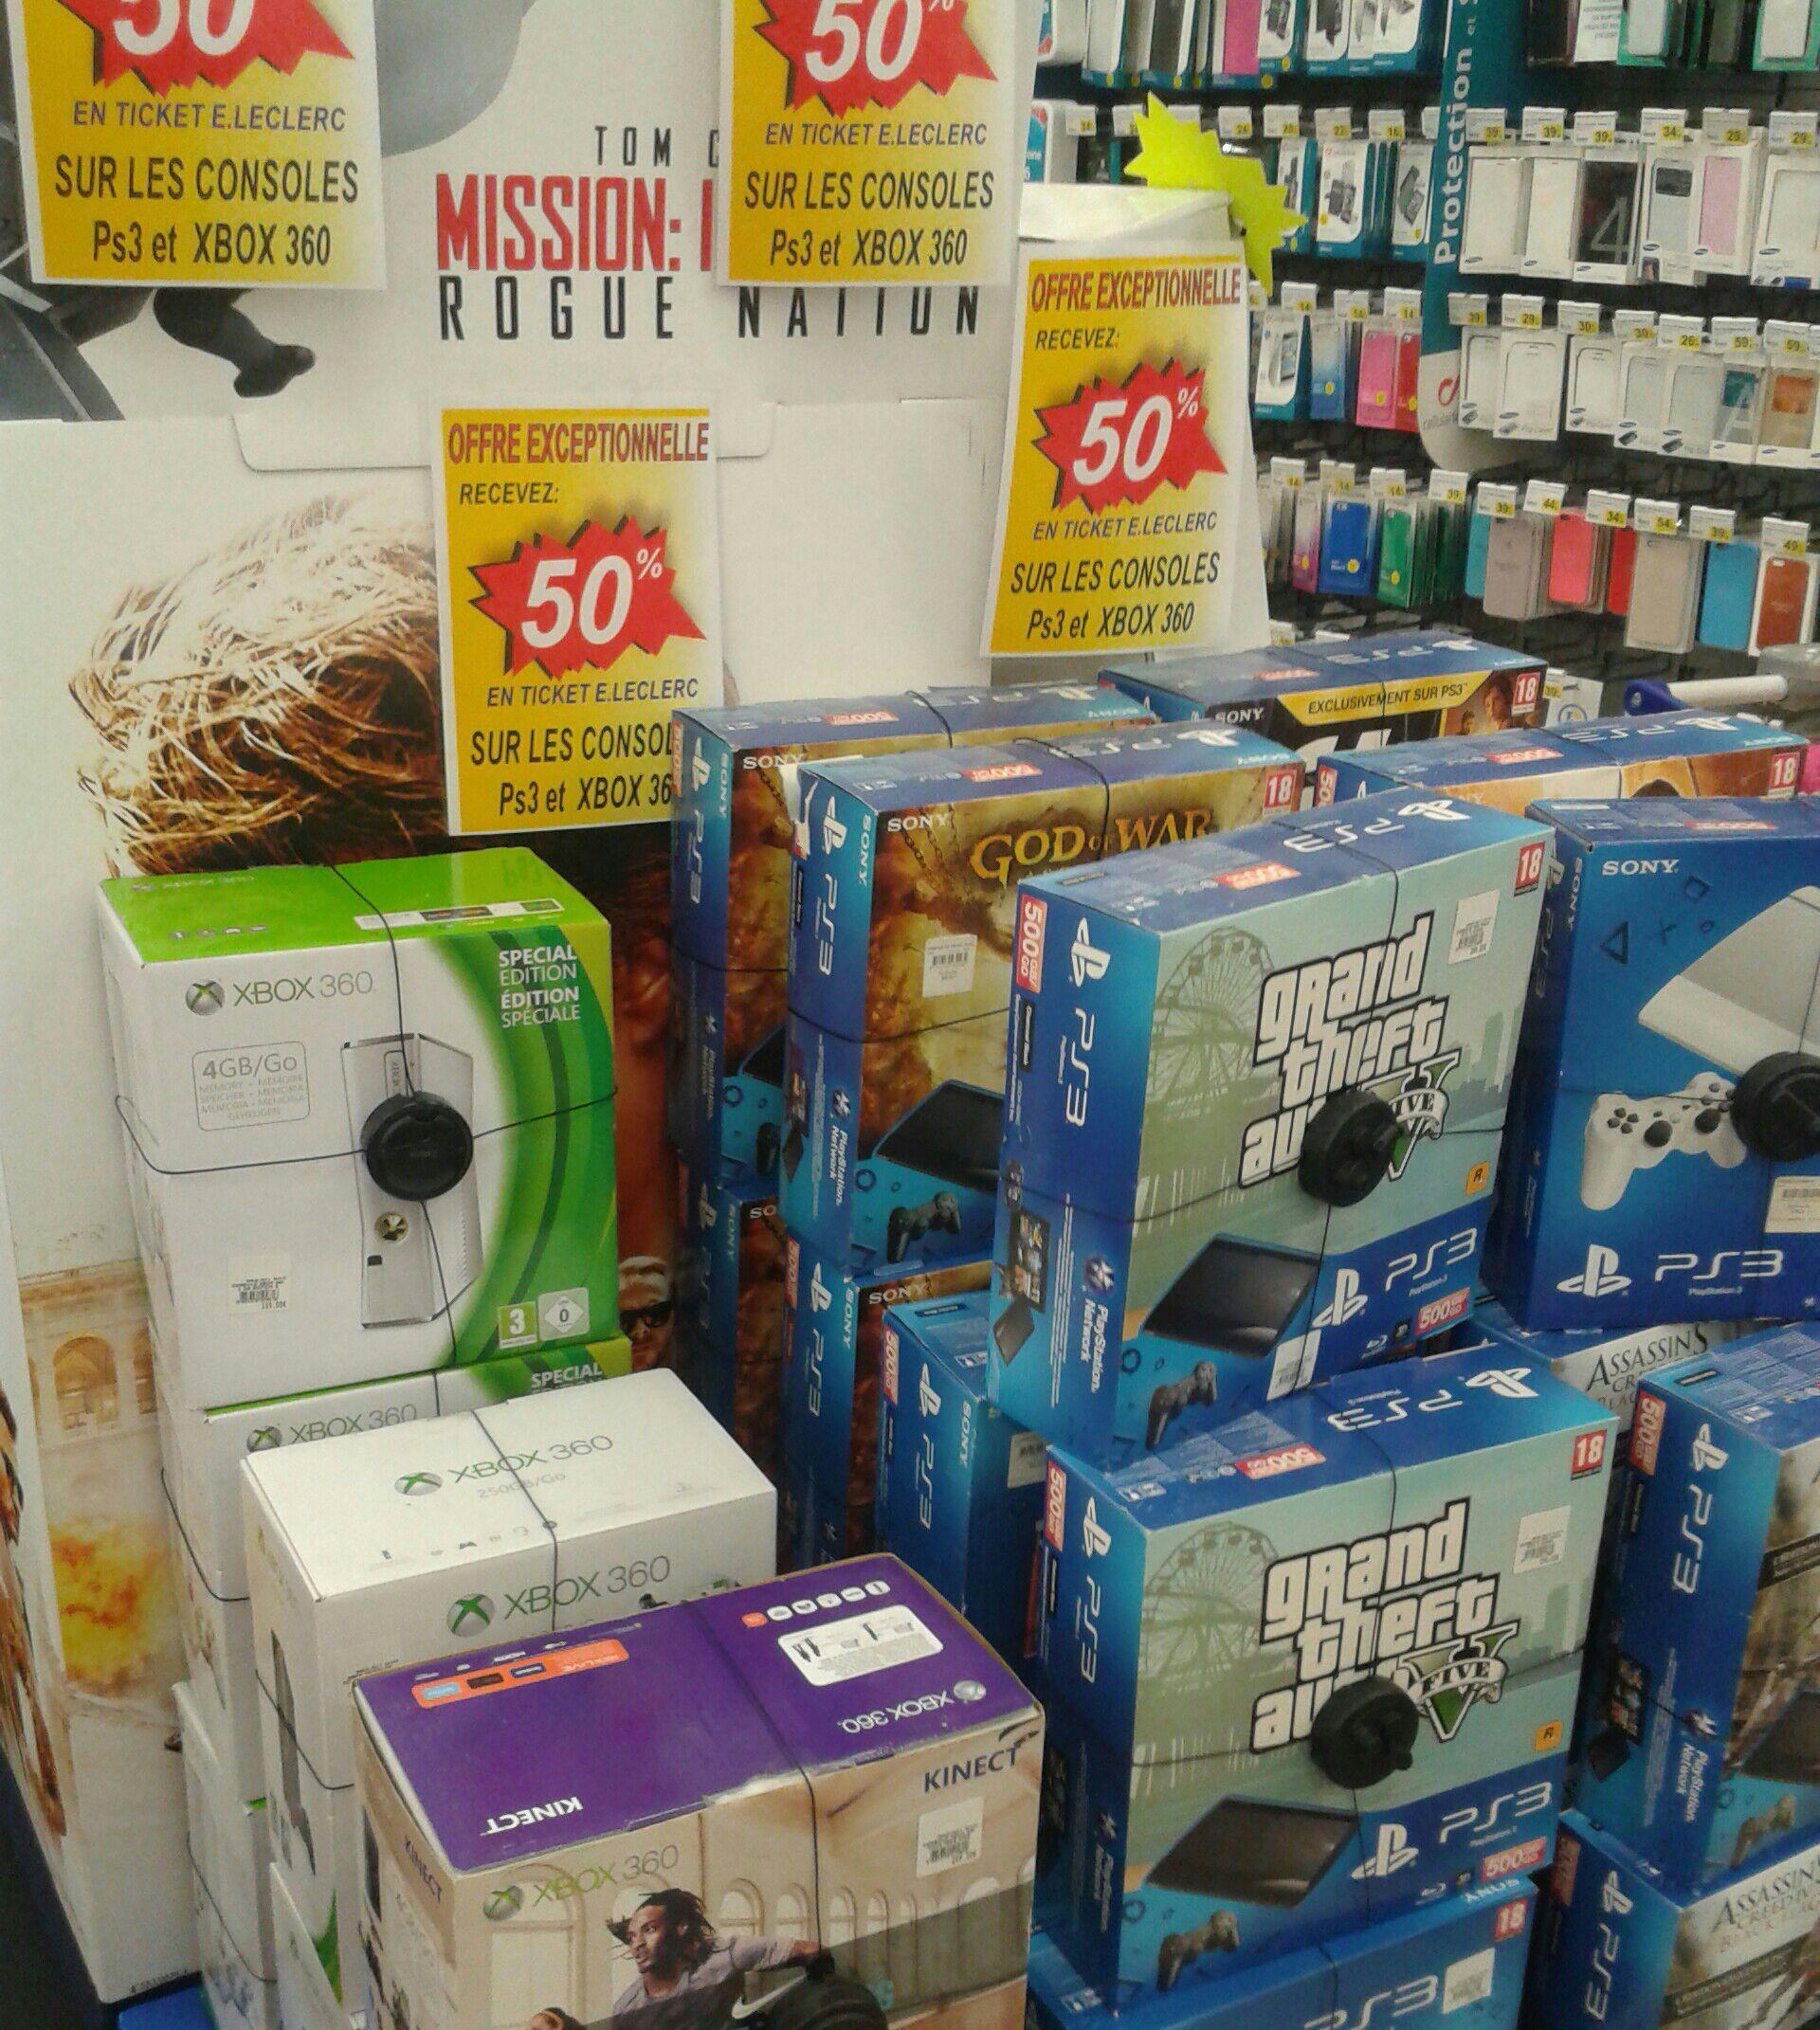 50% offerts en ticket leclerc sur les PS3 et Xbox 360